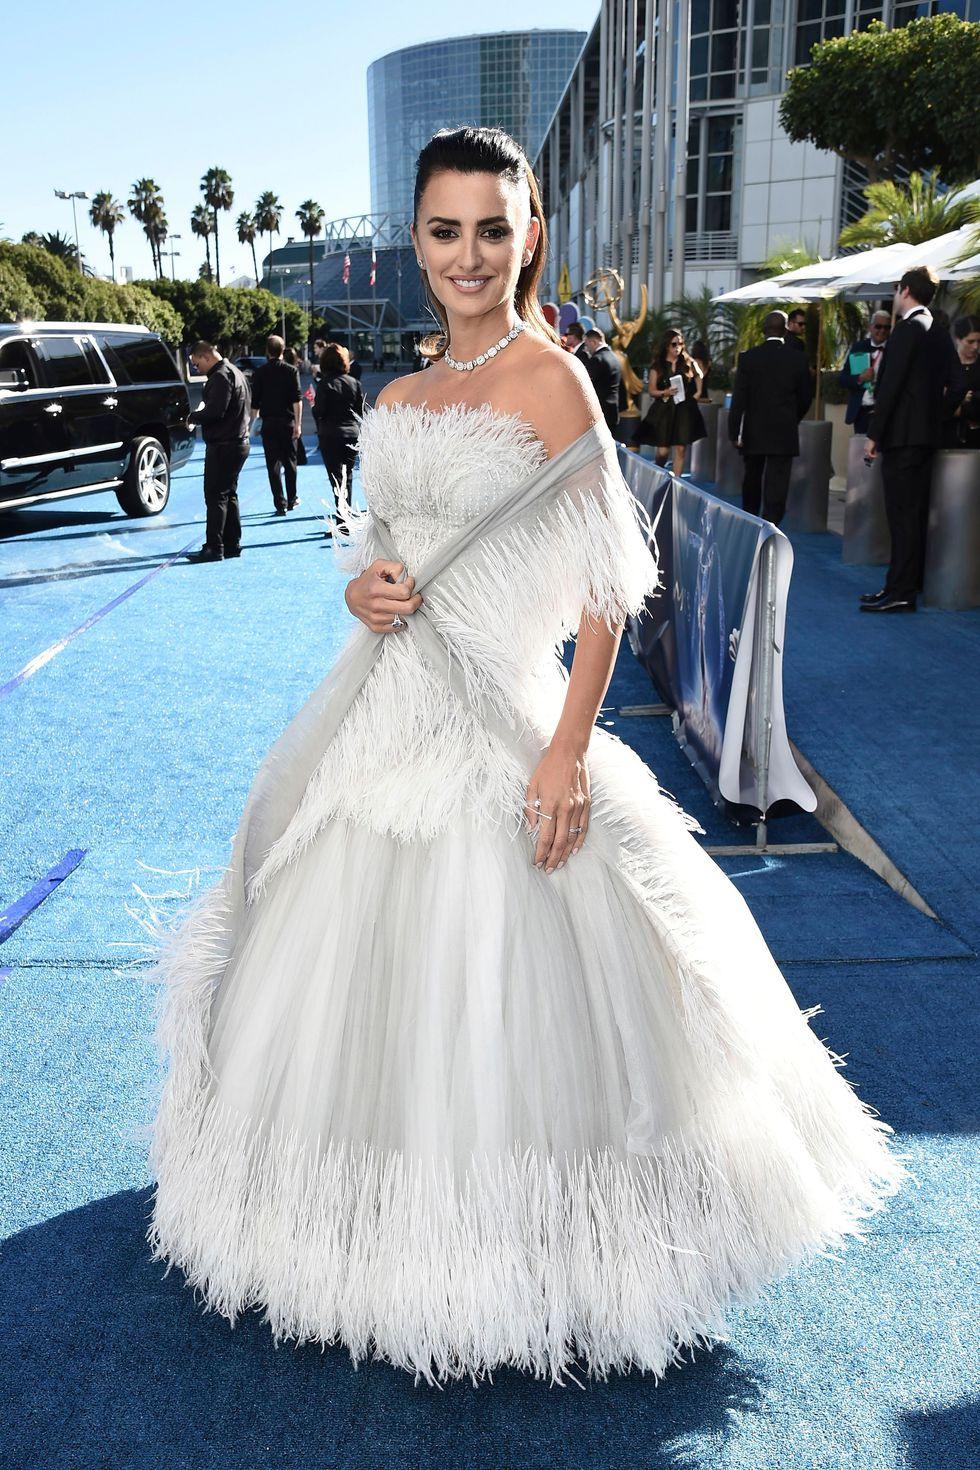 robe de soirée blanche à plumes Penelope Cruz  aux Emmy 2018